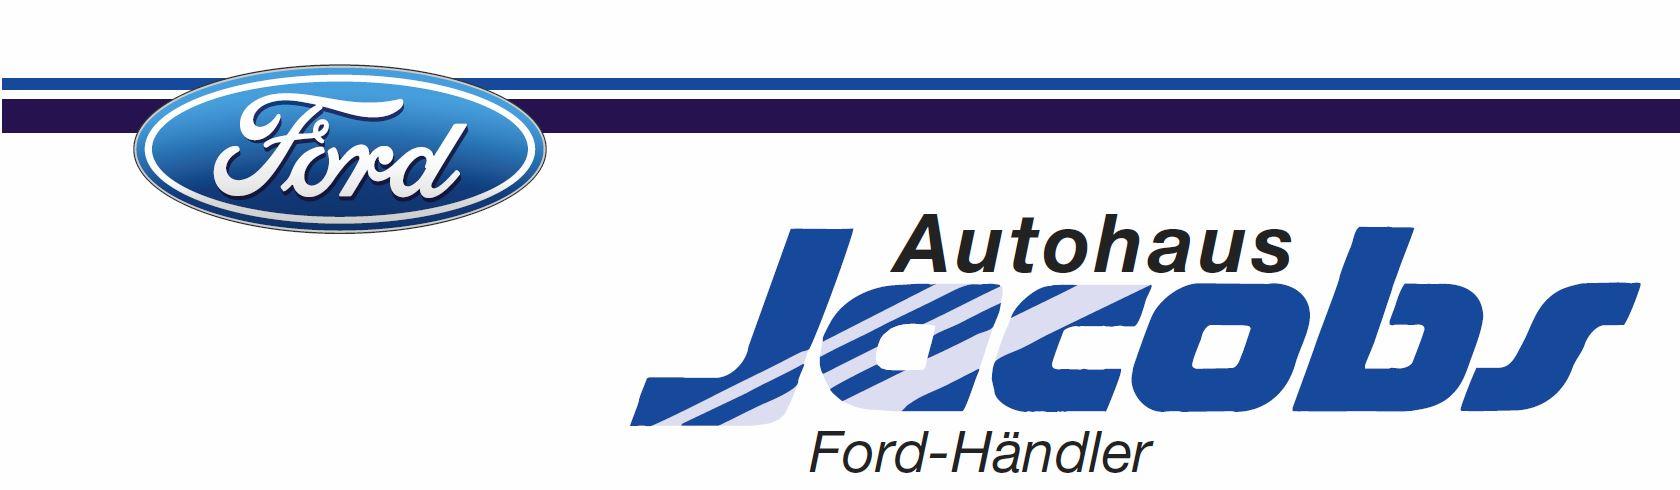 Das Auto Des Monats April Aus Dem Autohaus Ford Jacobs Ist Ein Focus ST EcoBoost Navi Parkpilot Leder 18Zoll Limousine Tageszulassung